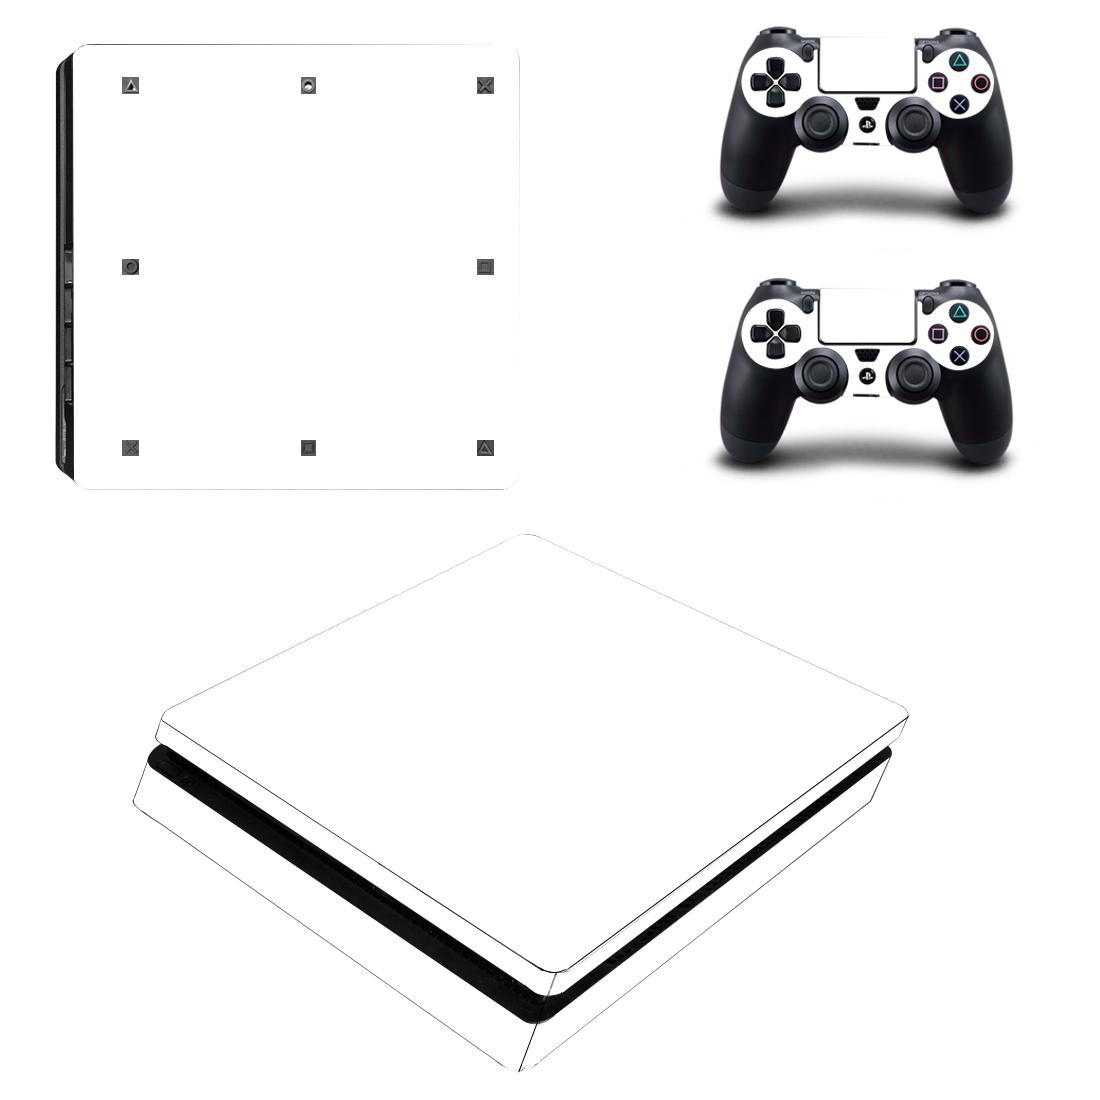 索尼PS4 SLIM贴纸机身贴ps4新版slim痛贴薄机贴膜彩贴送手柄贴32